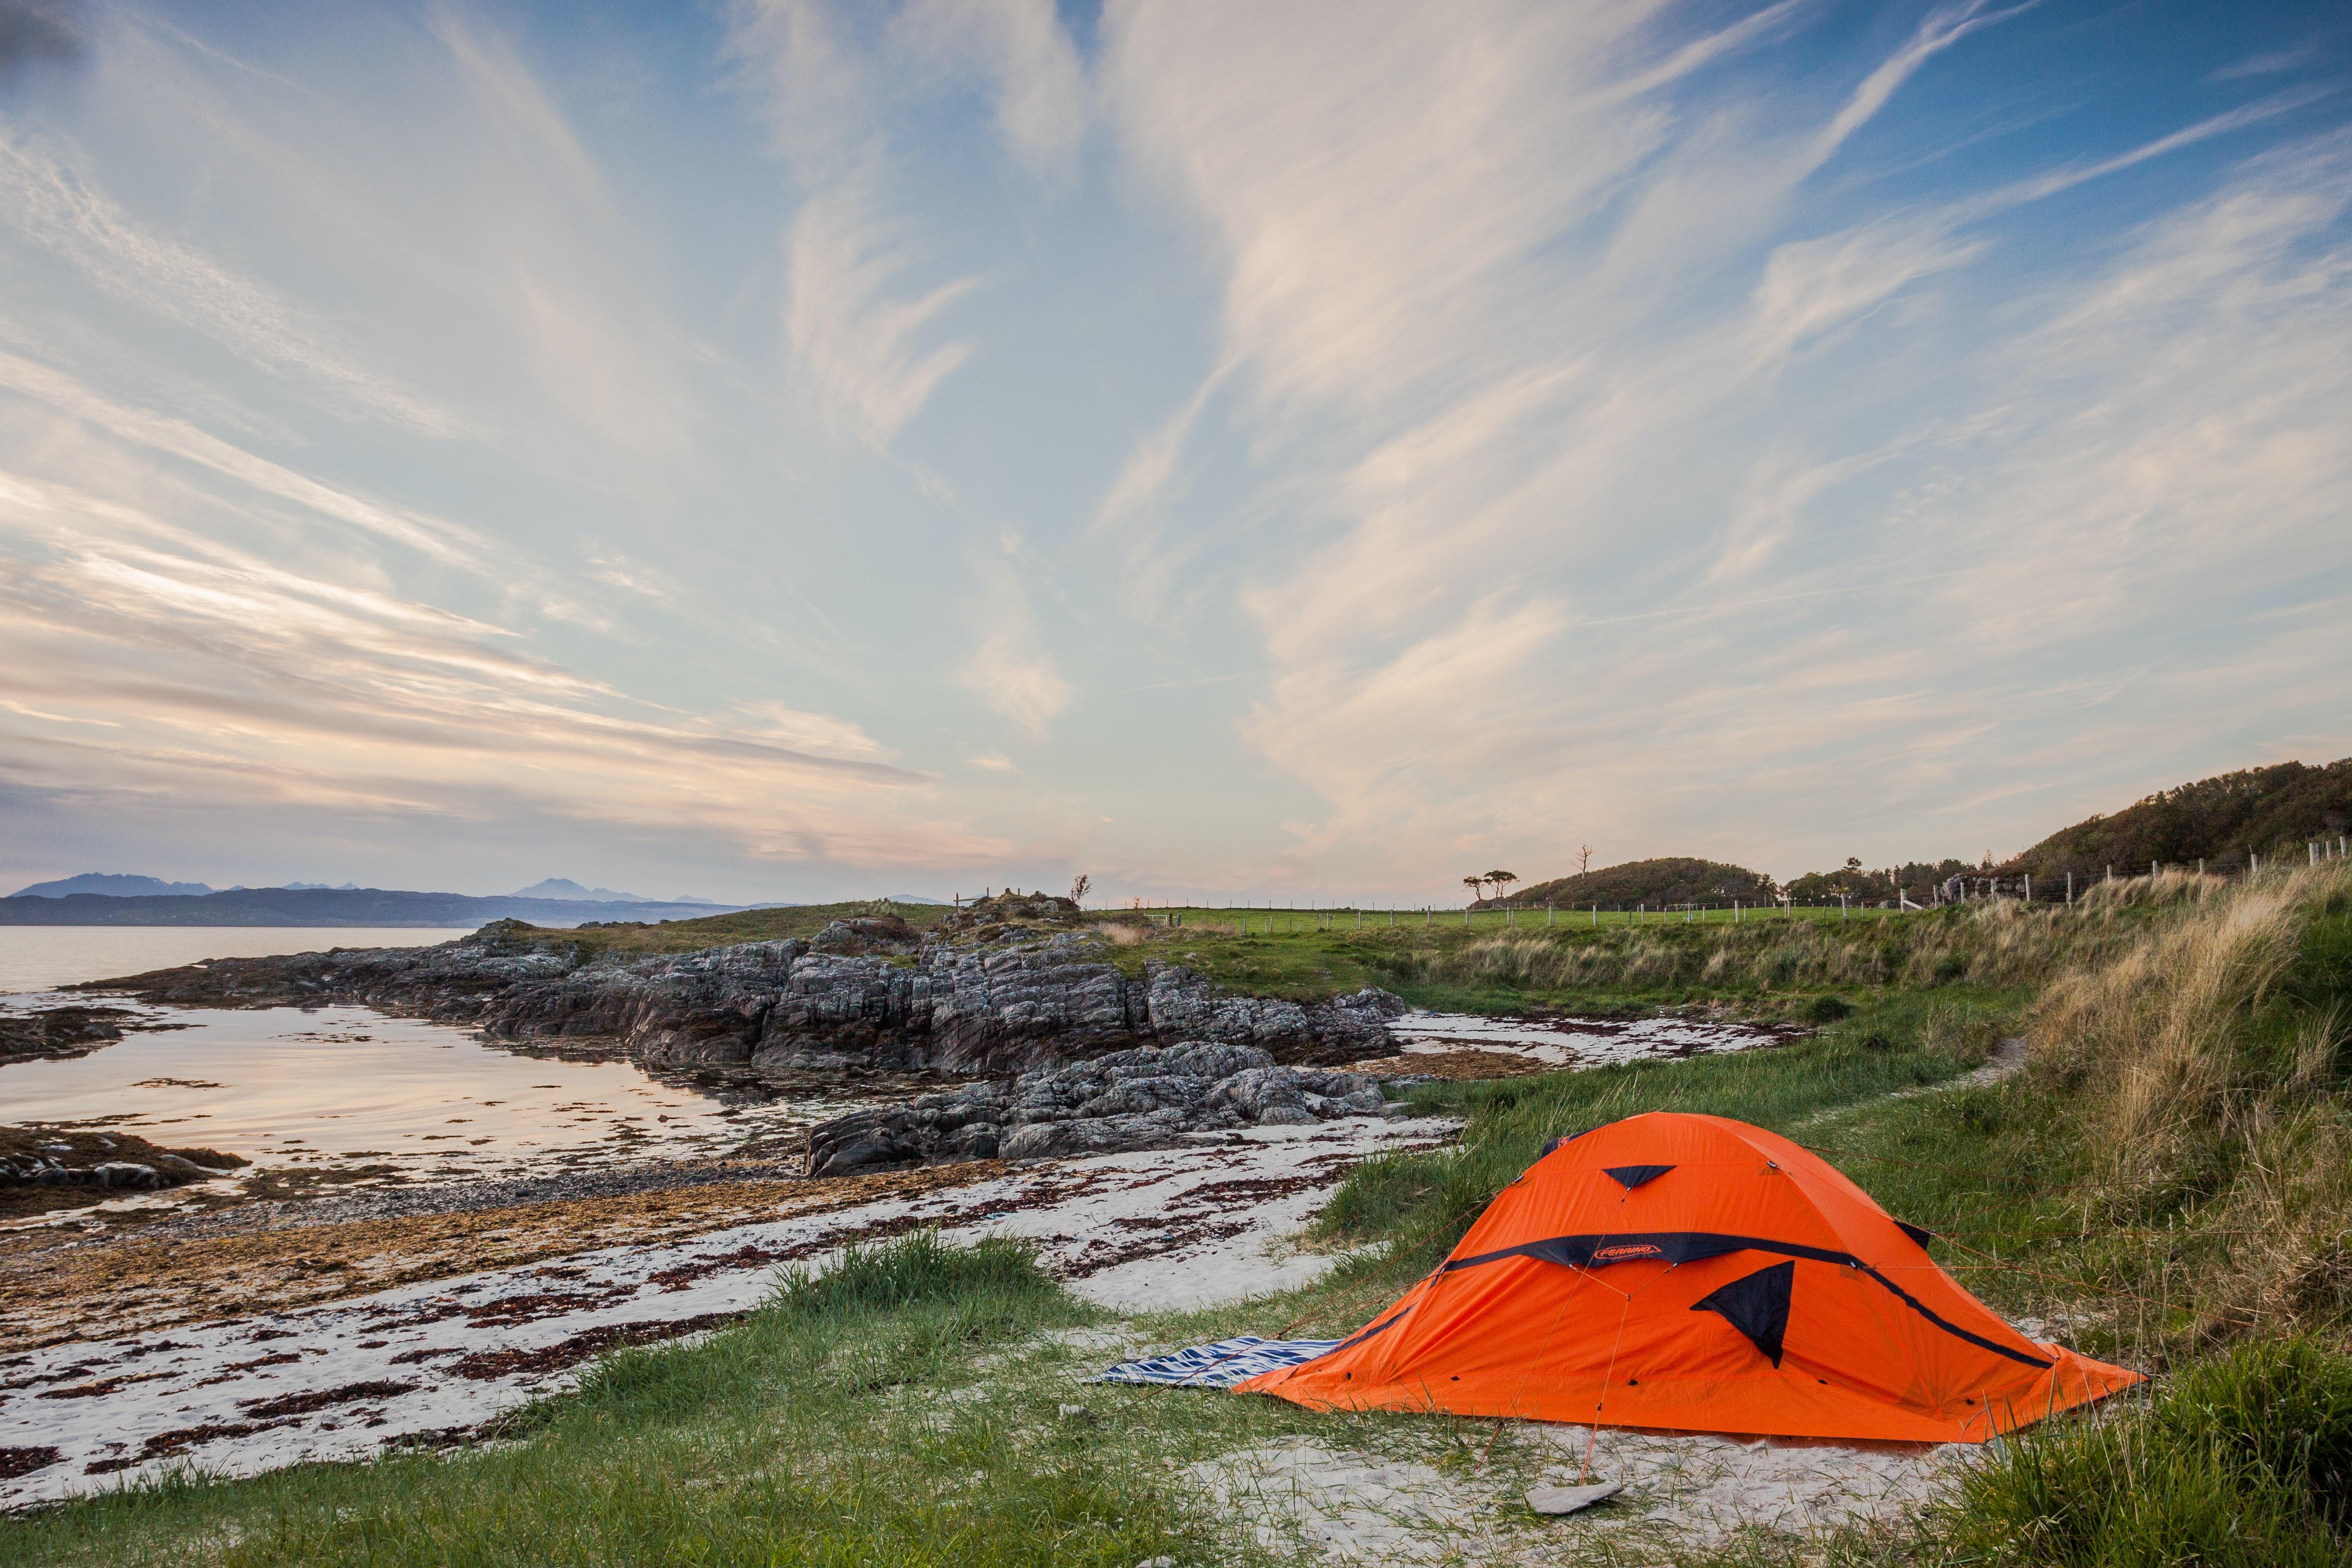 çadır kamp doğa deniz